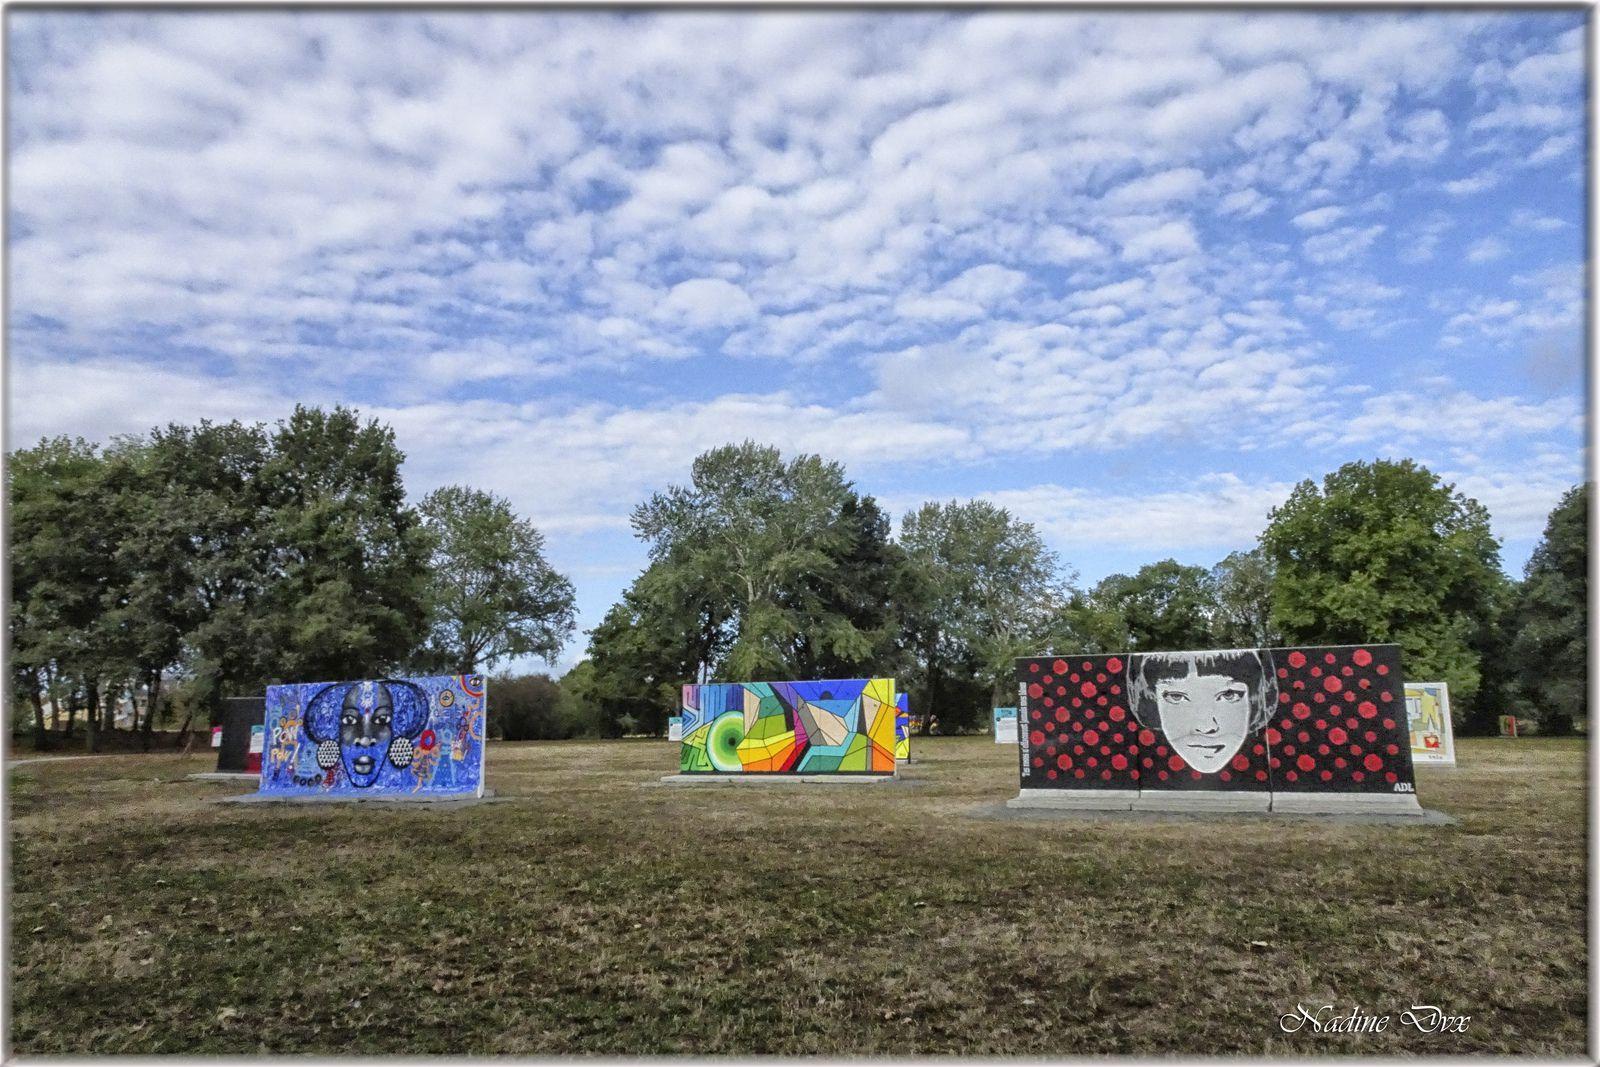 Parcours de Street-Art au parc du Gué-de-Maulny - 2020